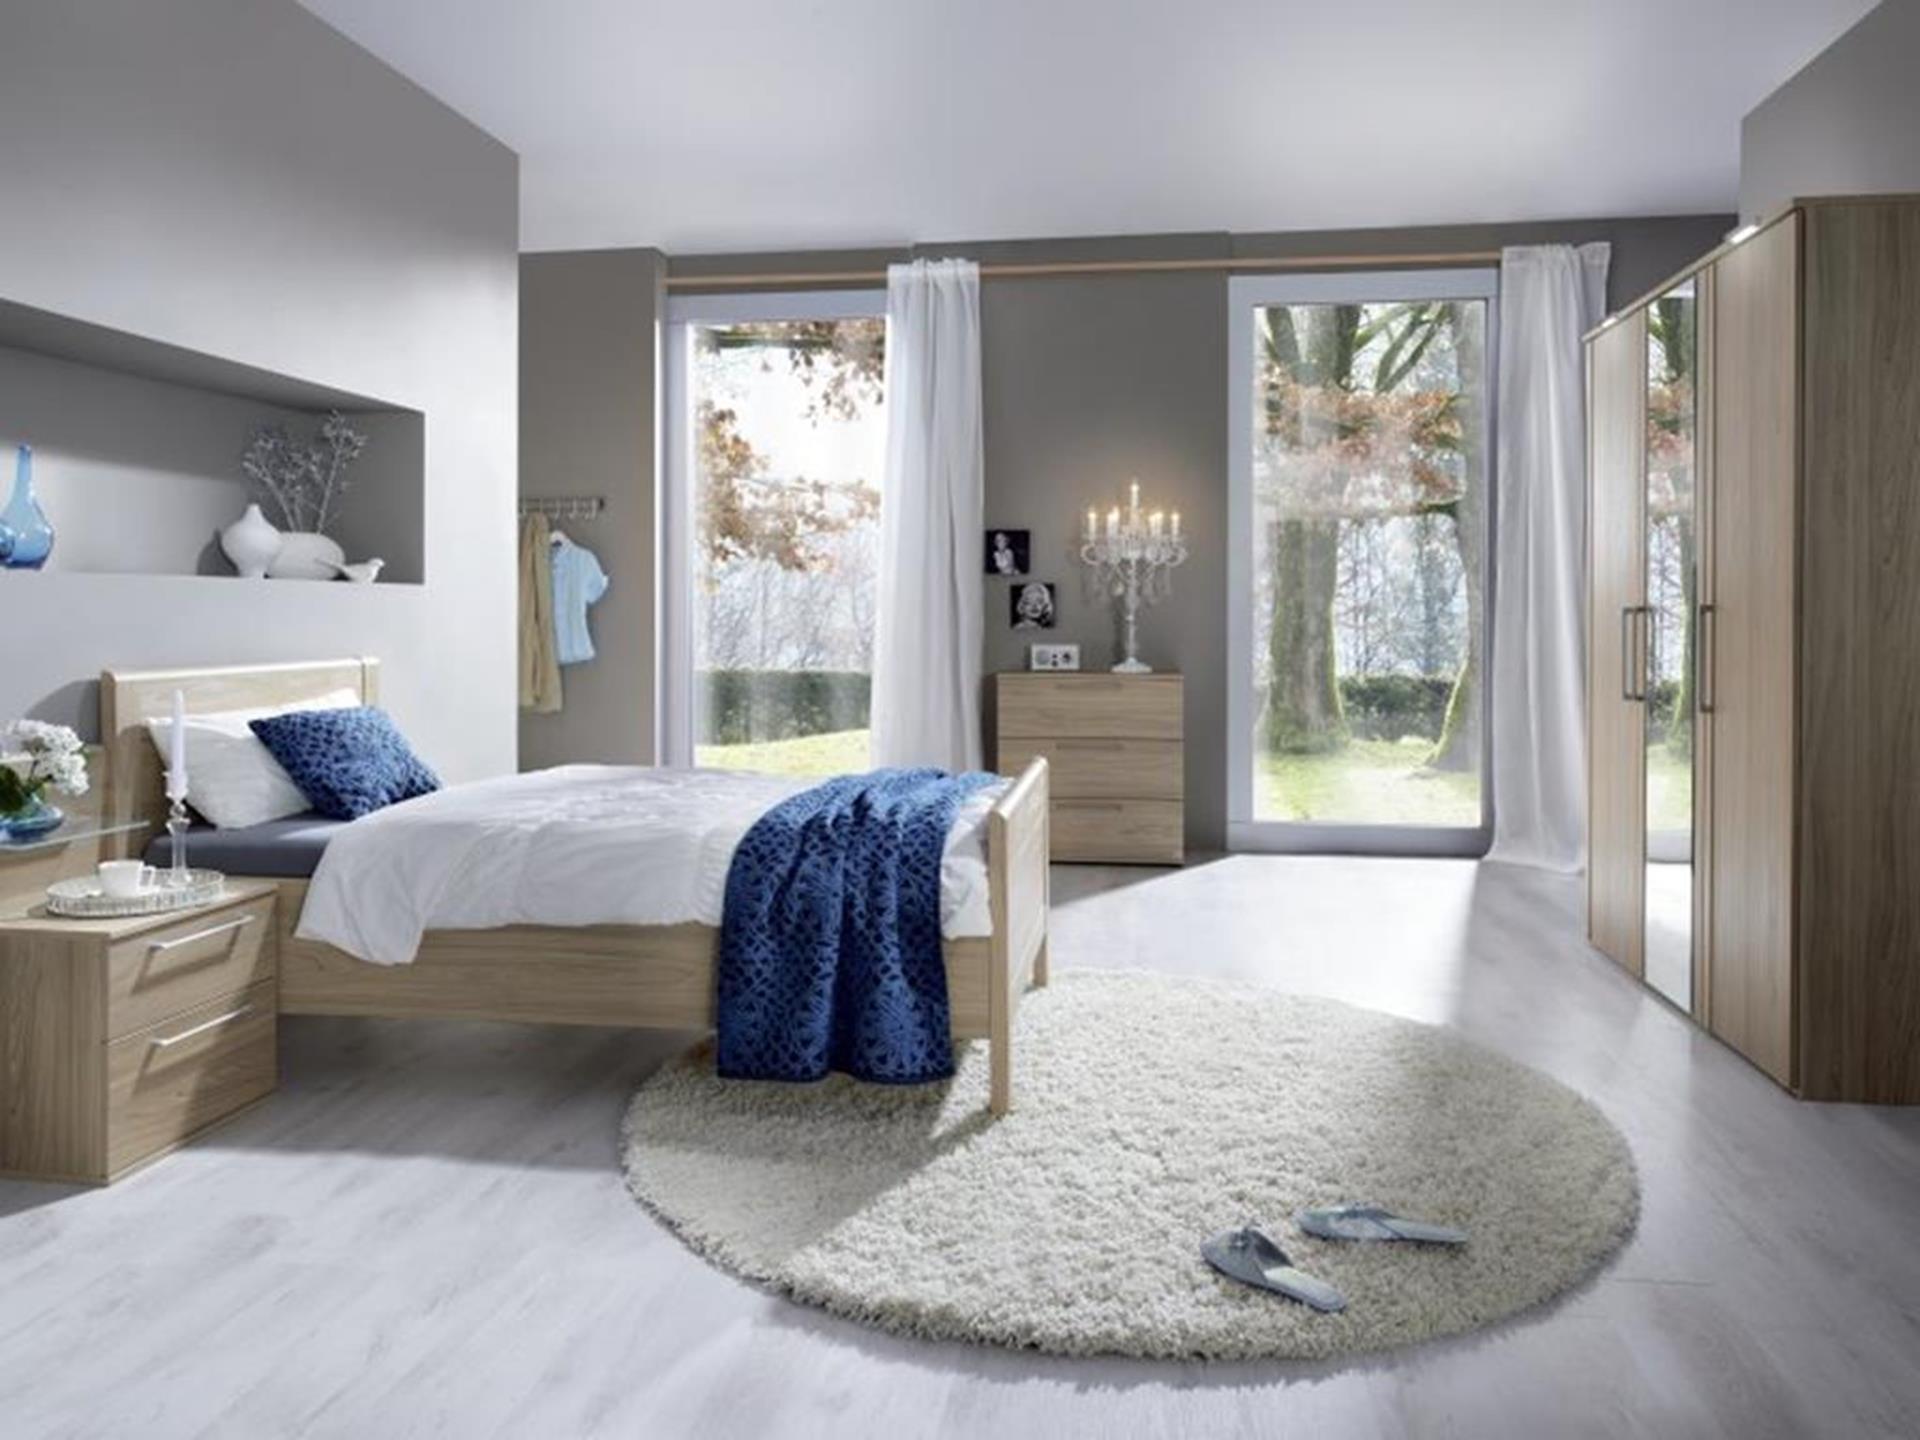 sypialnia z drewnianymi elementami